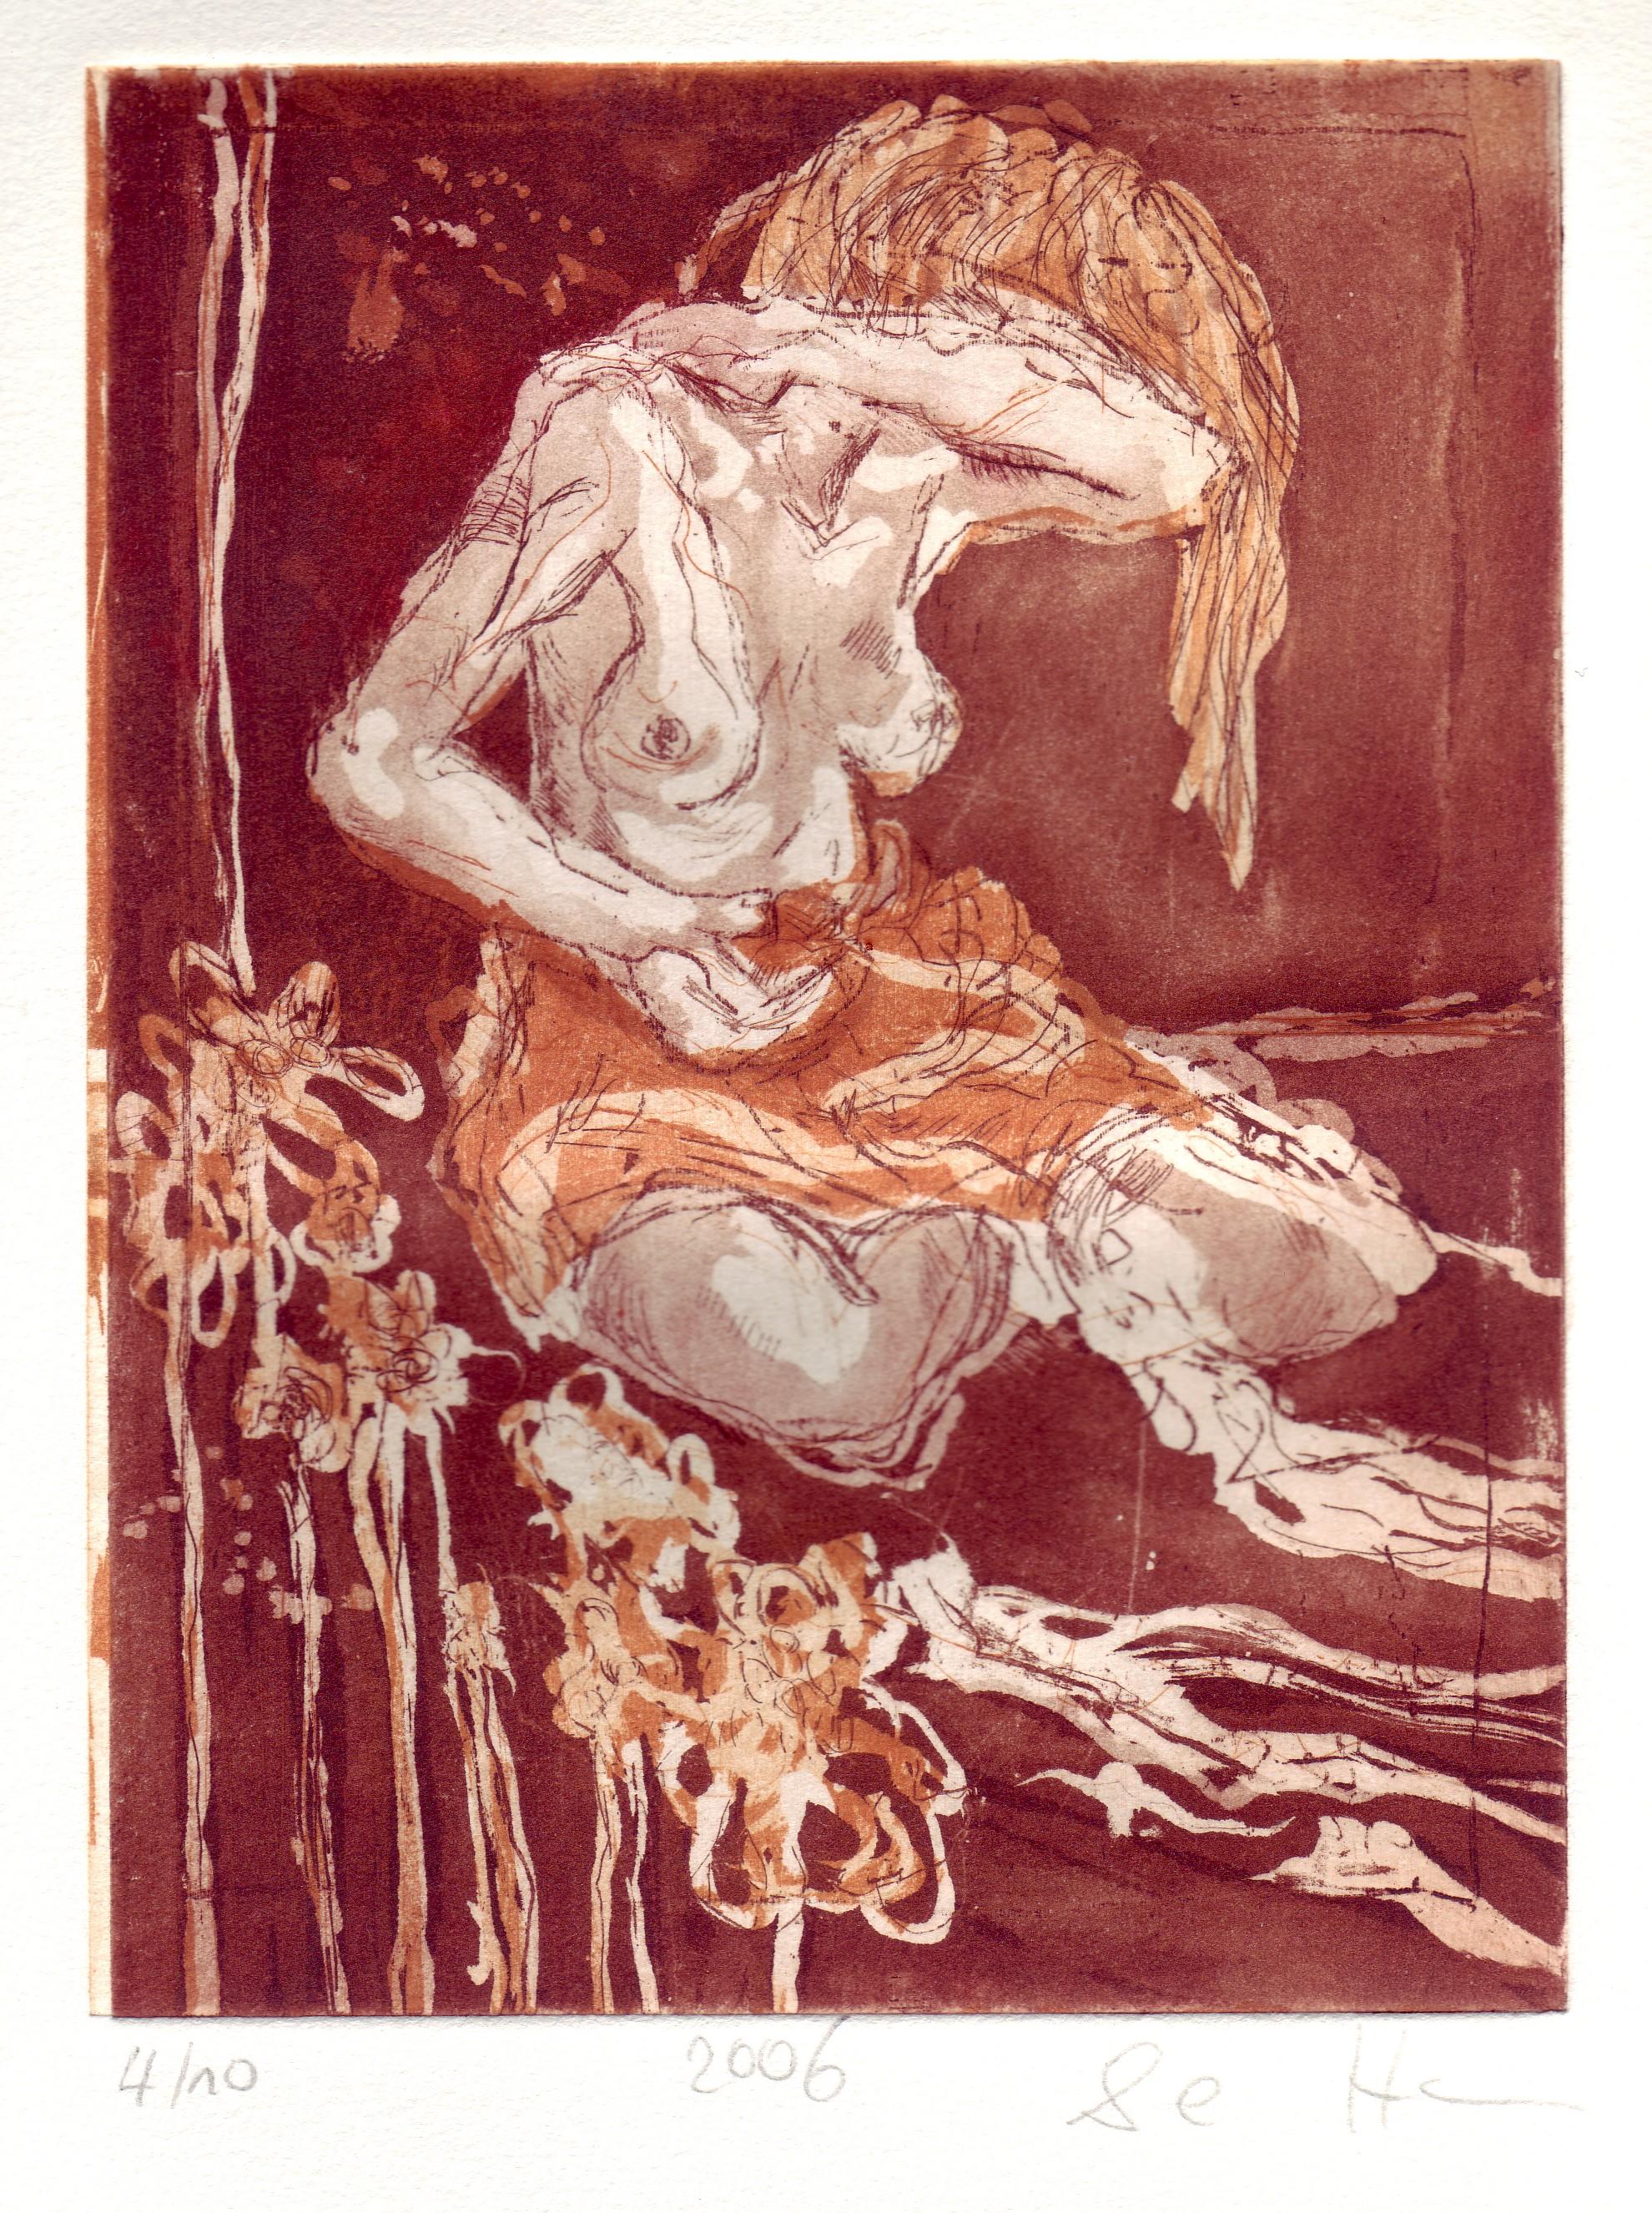 Akt sitzend - Aquatinta von Susanne Haun, 3 Platten, 20 x 15 cm